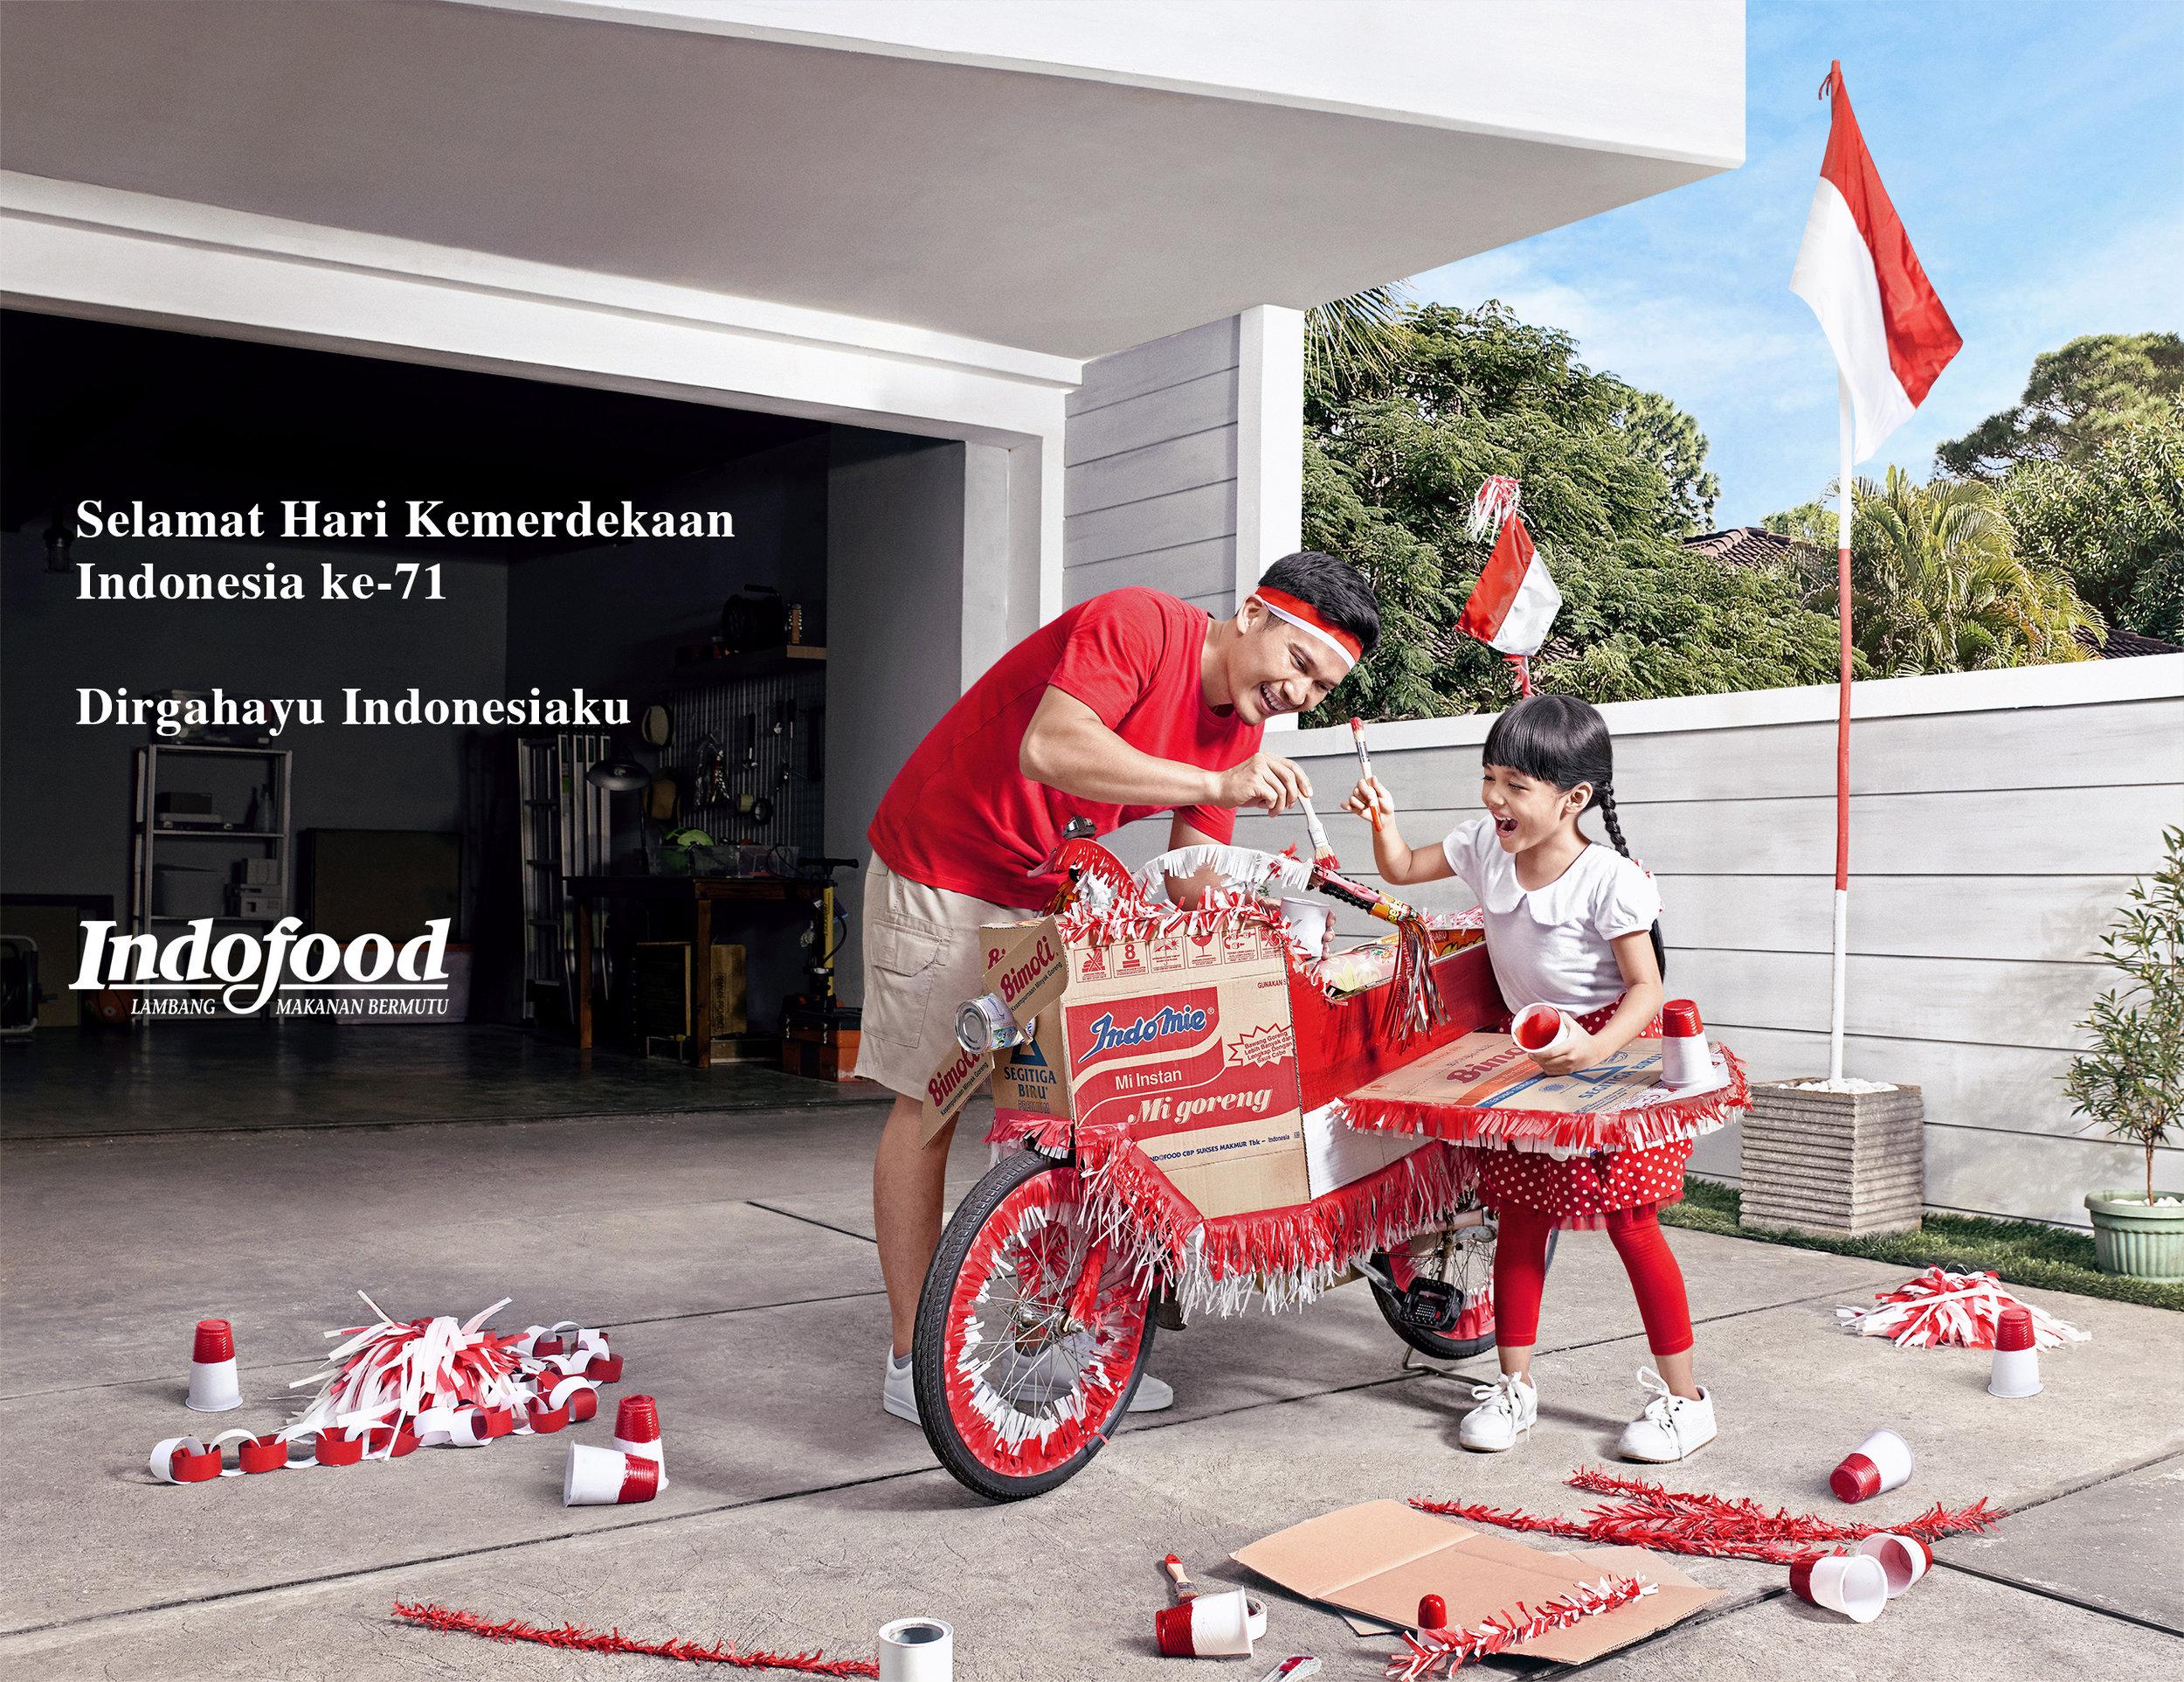 Indofood 17 Agustus-an